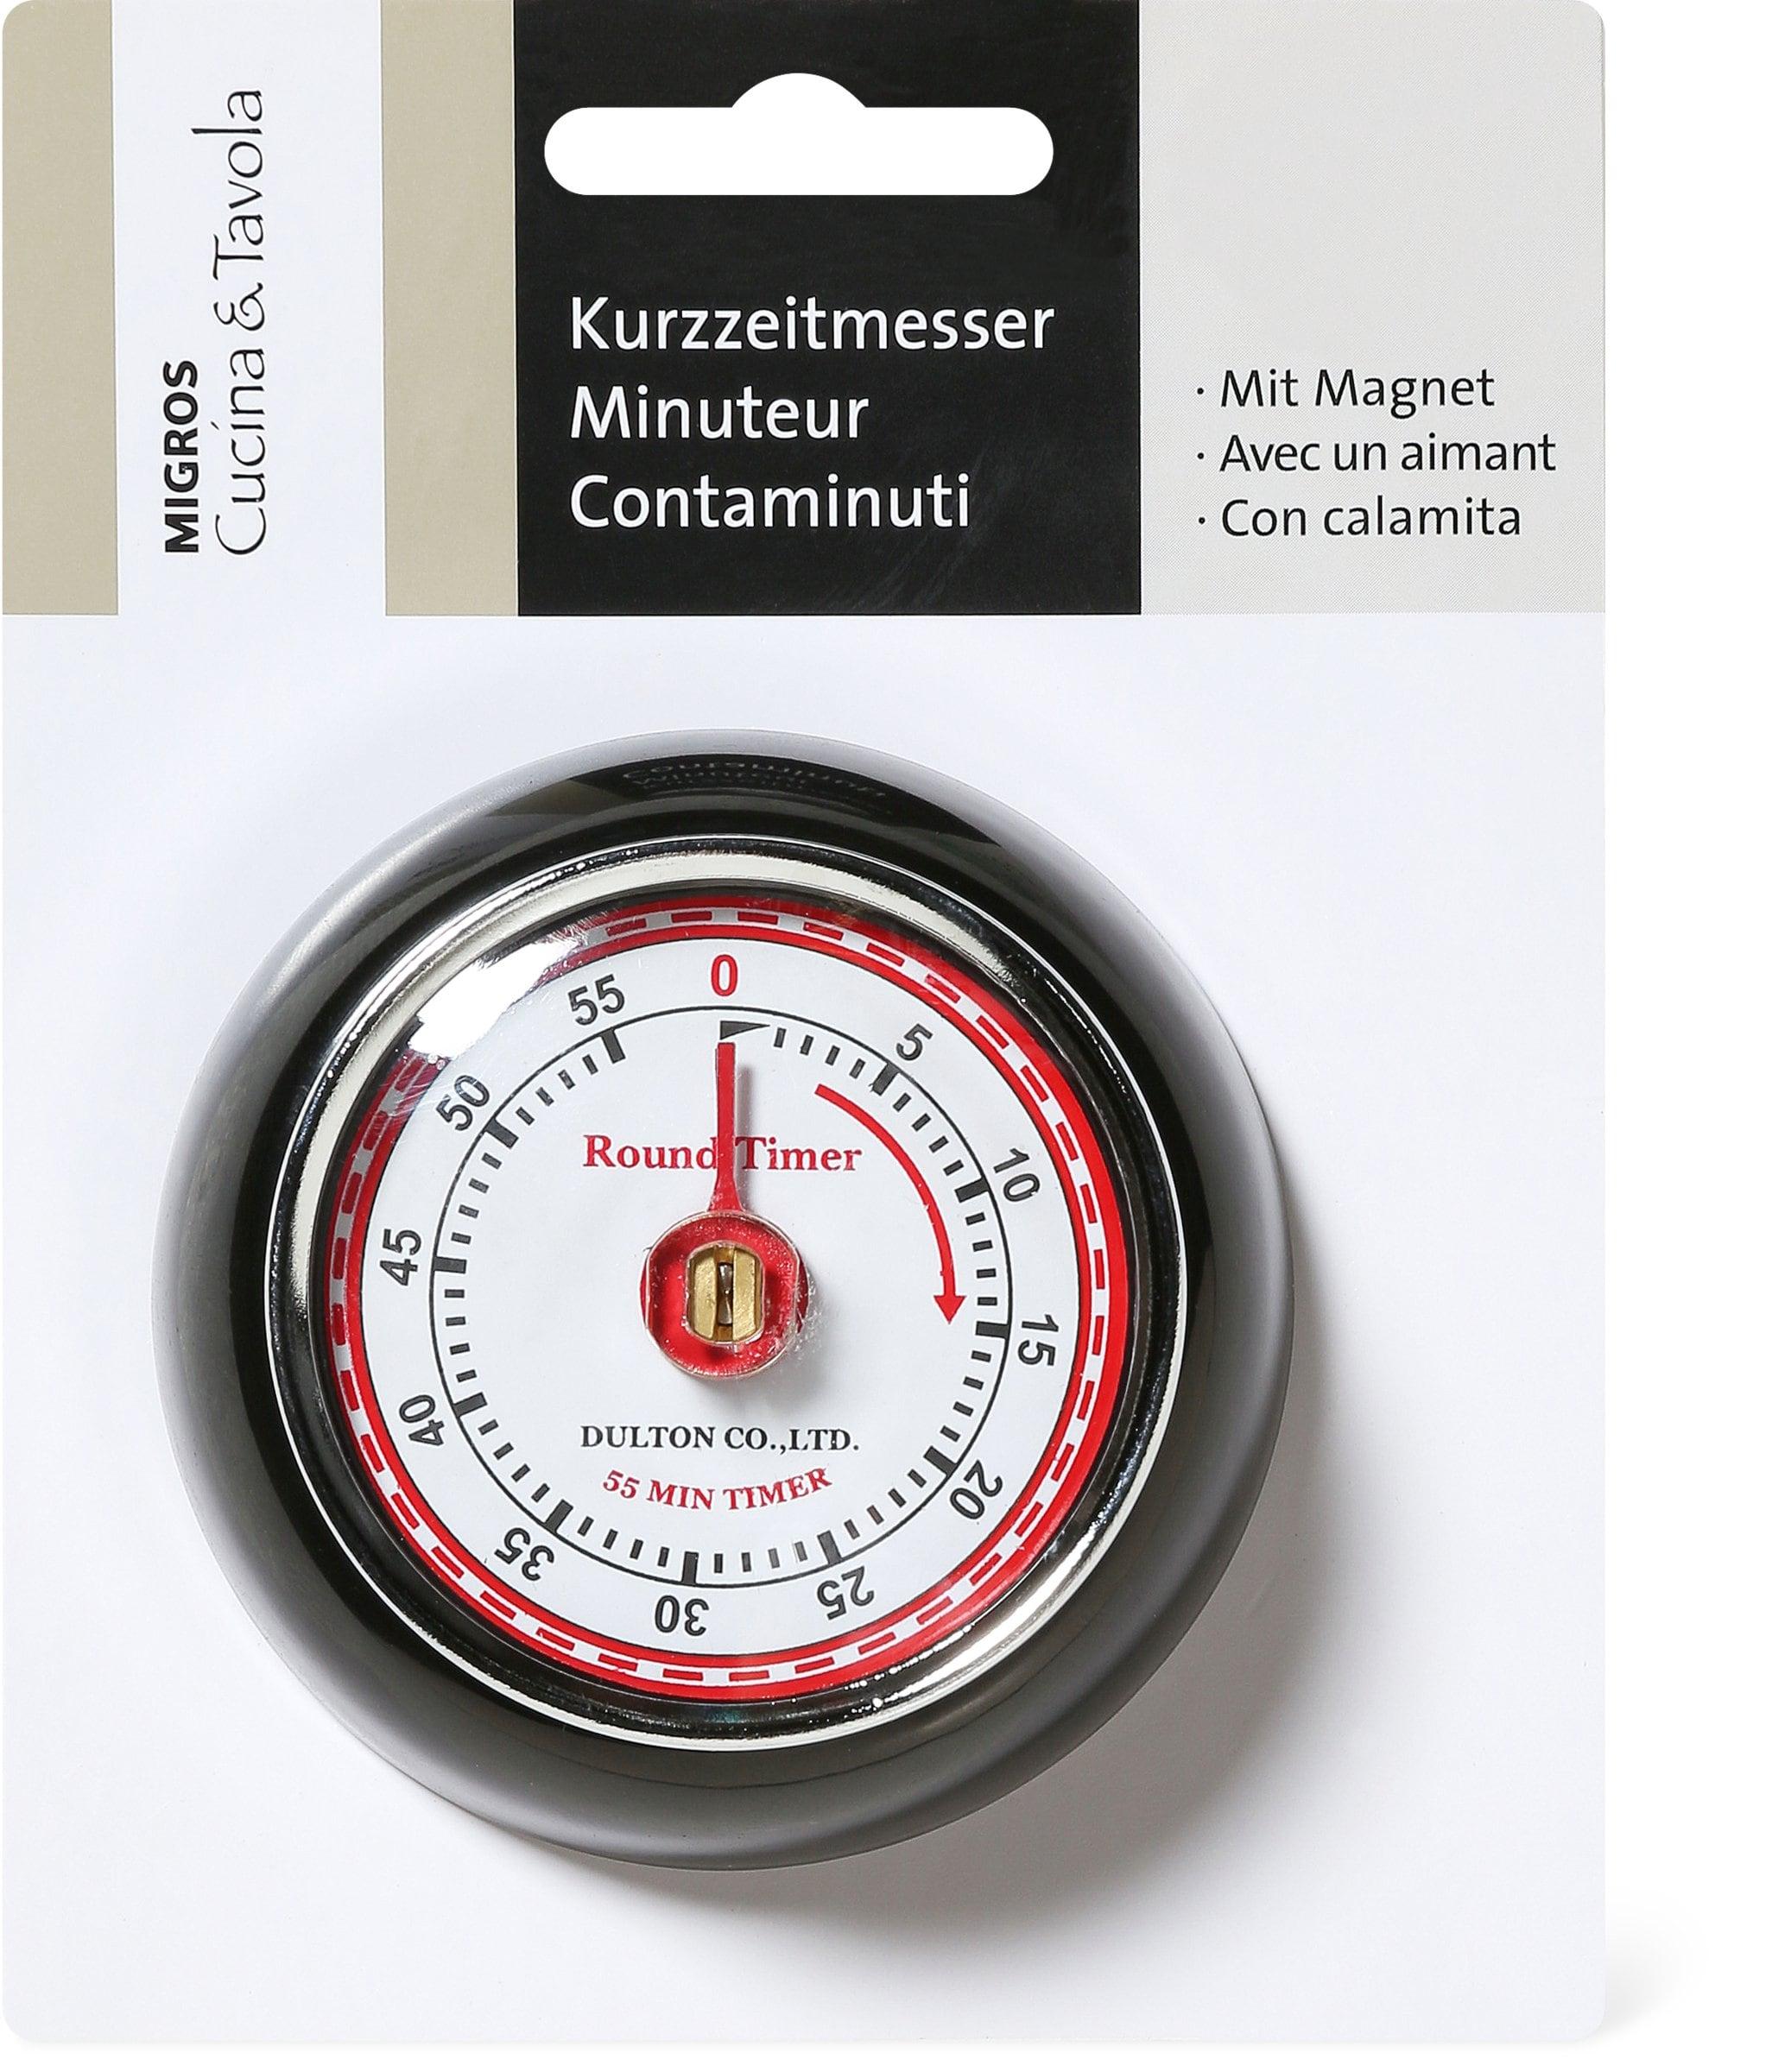 Cucina & Tavola CUCINA & TAVOLA Kurzzeitmesser